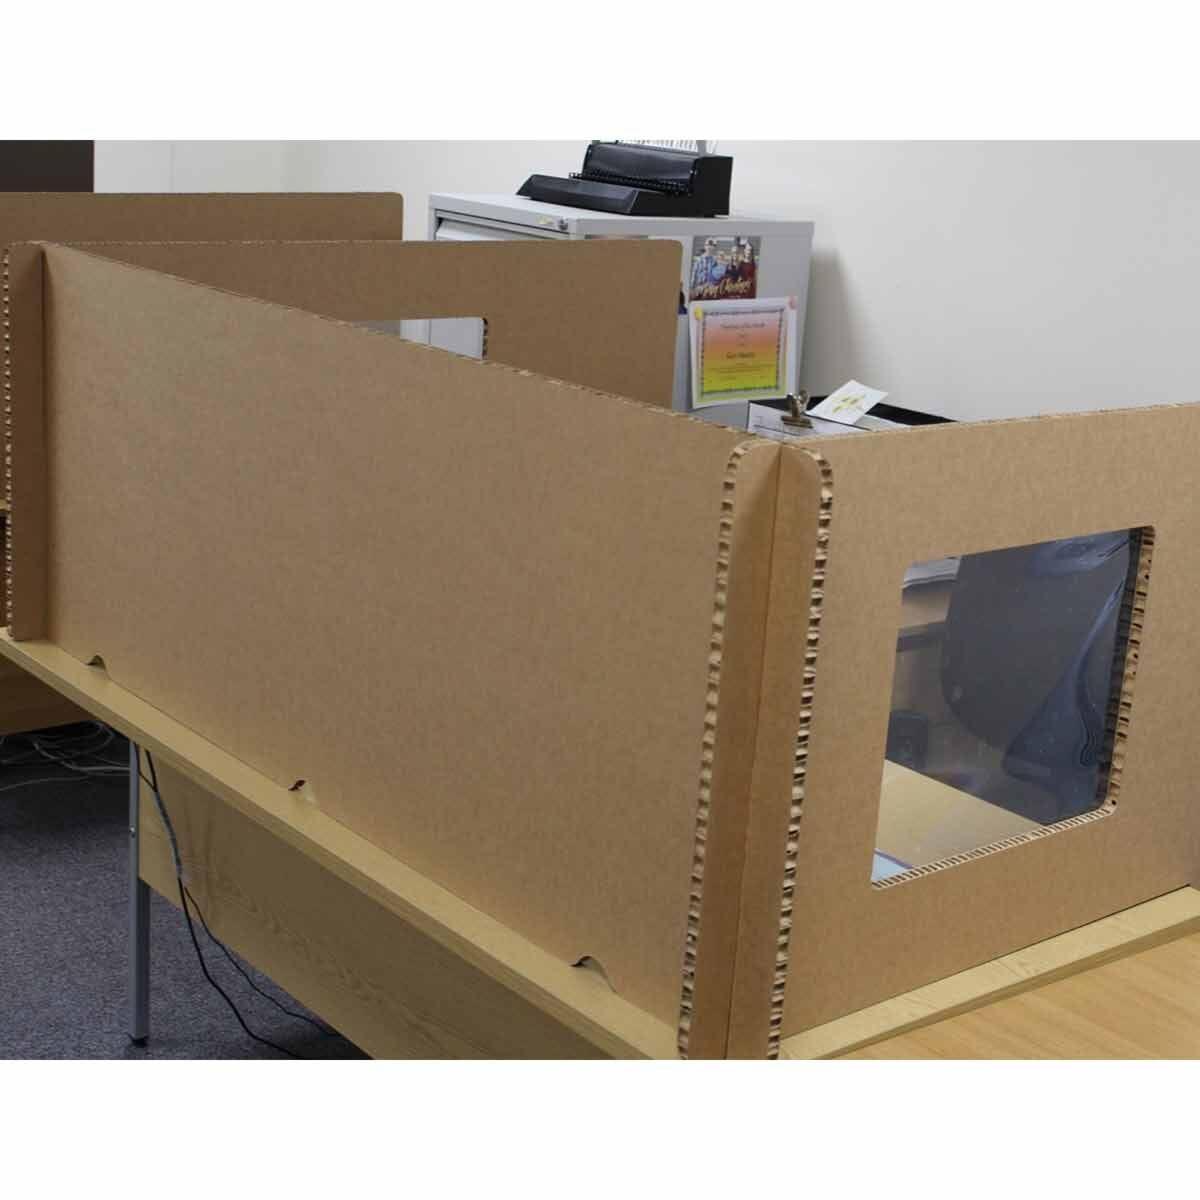 Pallite Desk Screen Set for 1600mm x 800mm Desk